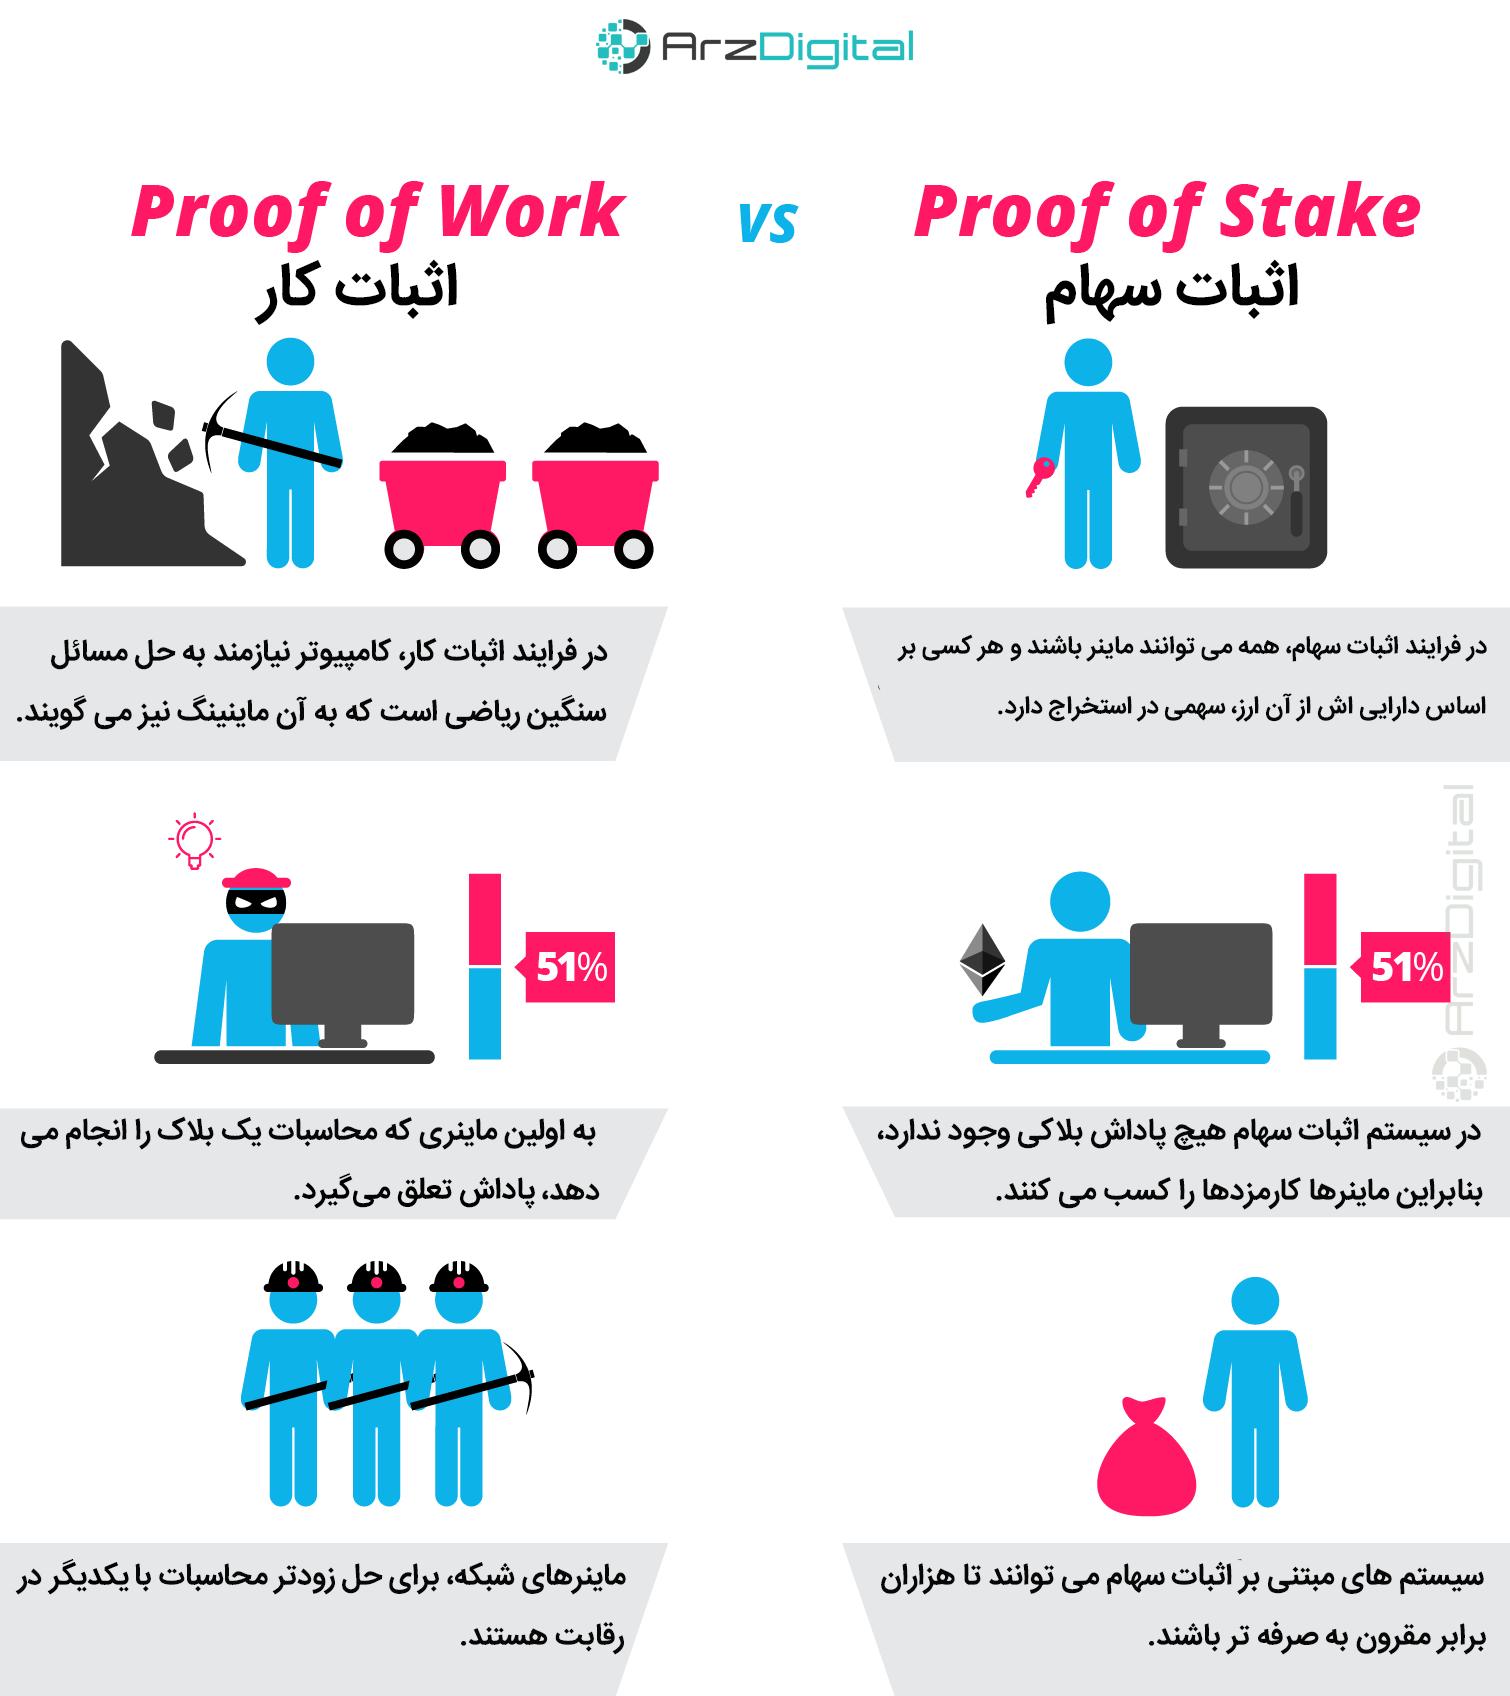 اثبات انجام کار و اثبات سهام، مفهوم و تفاوت ها